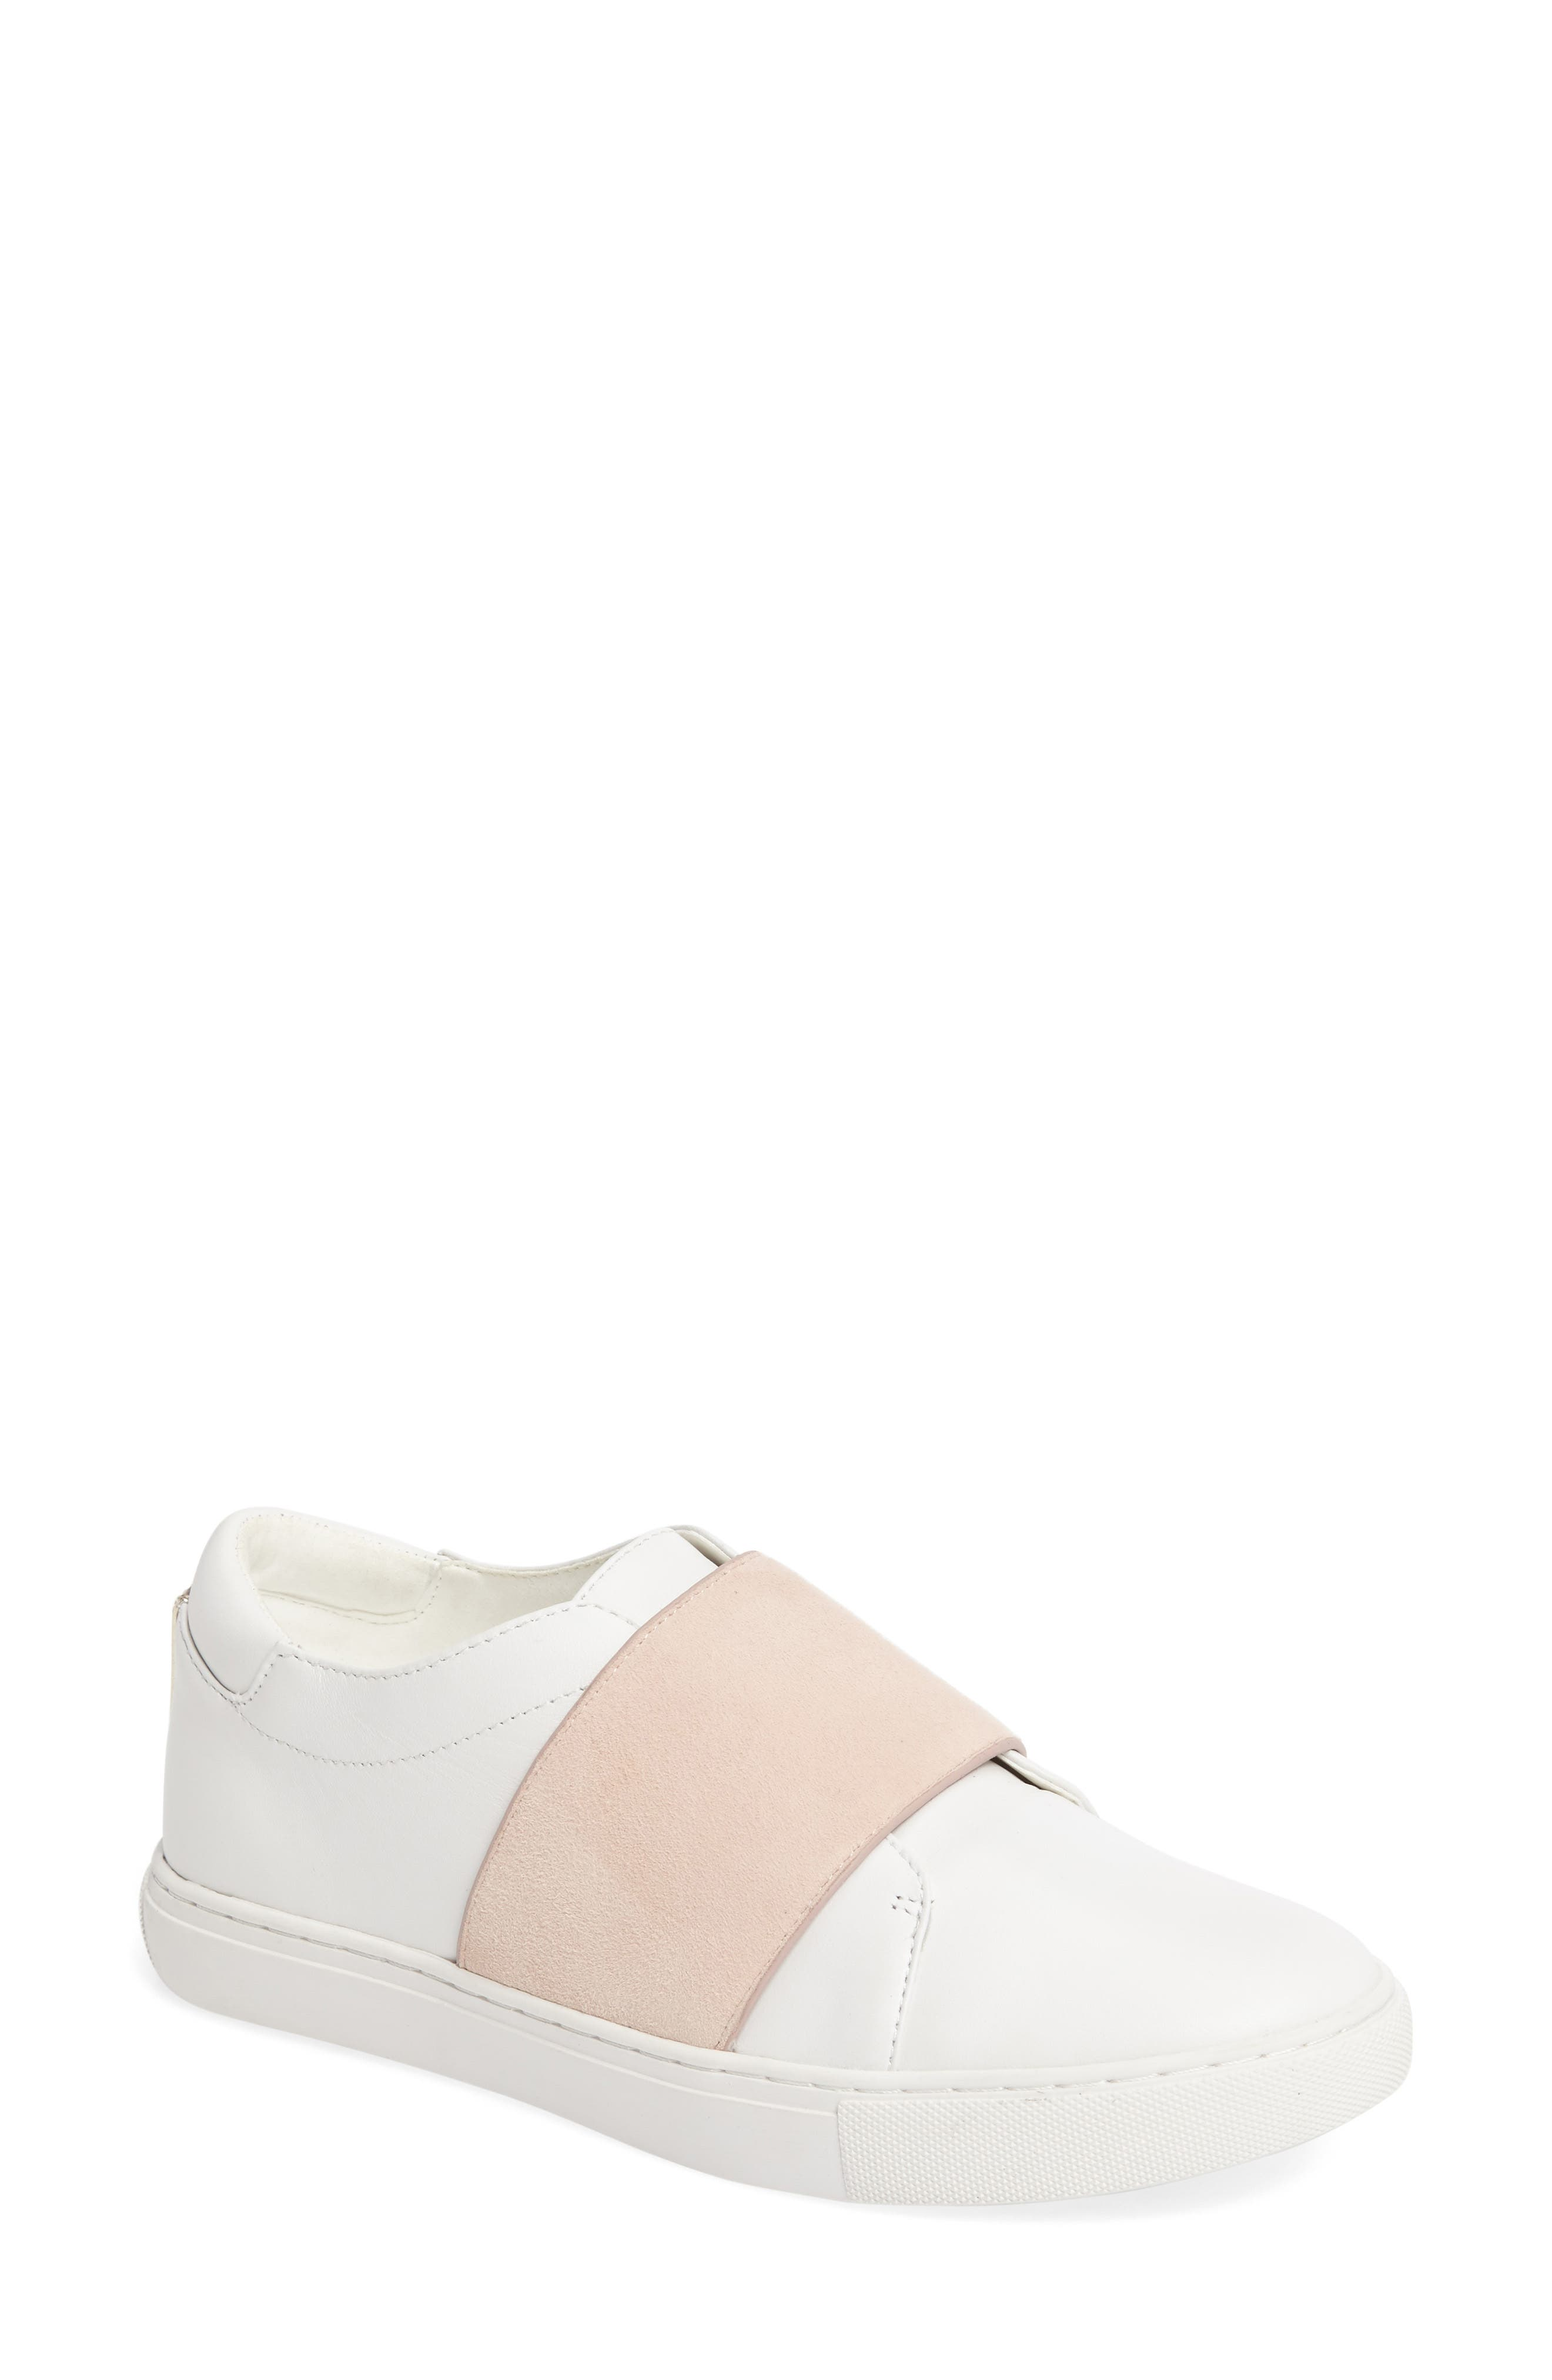 Konner Slip-On Sneaker,                             Main thumbnail 1, color,                             115